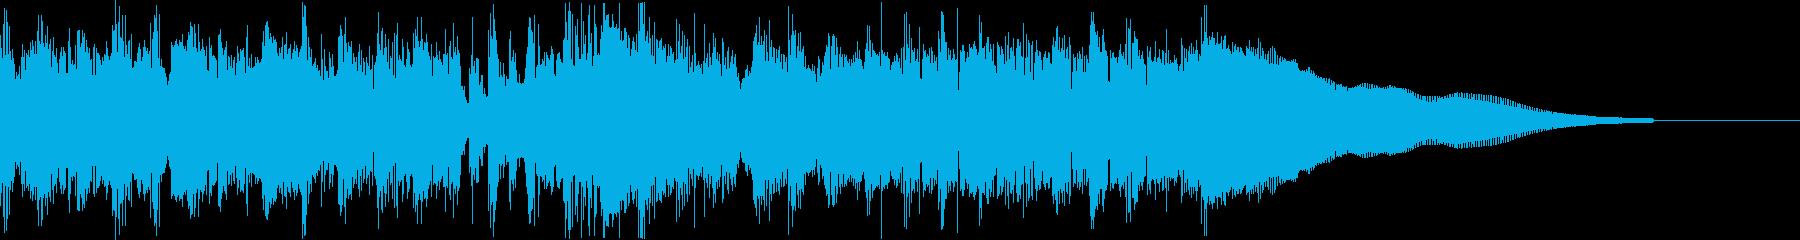 カントリー風ギターイントロ−07Eの再生済みの波形